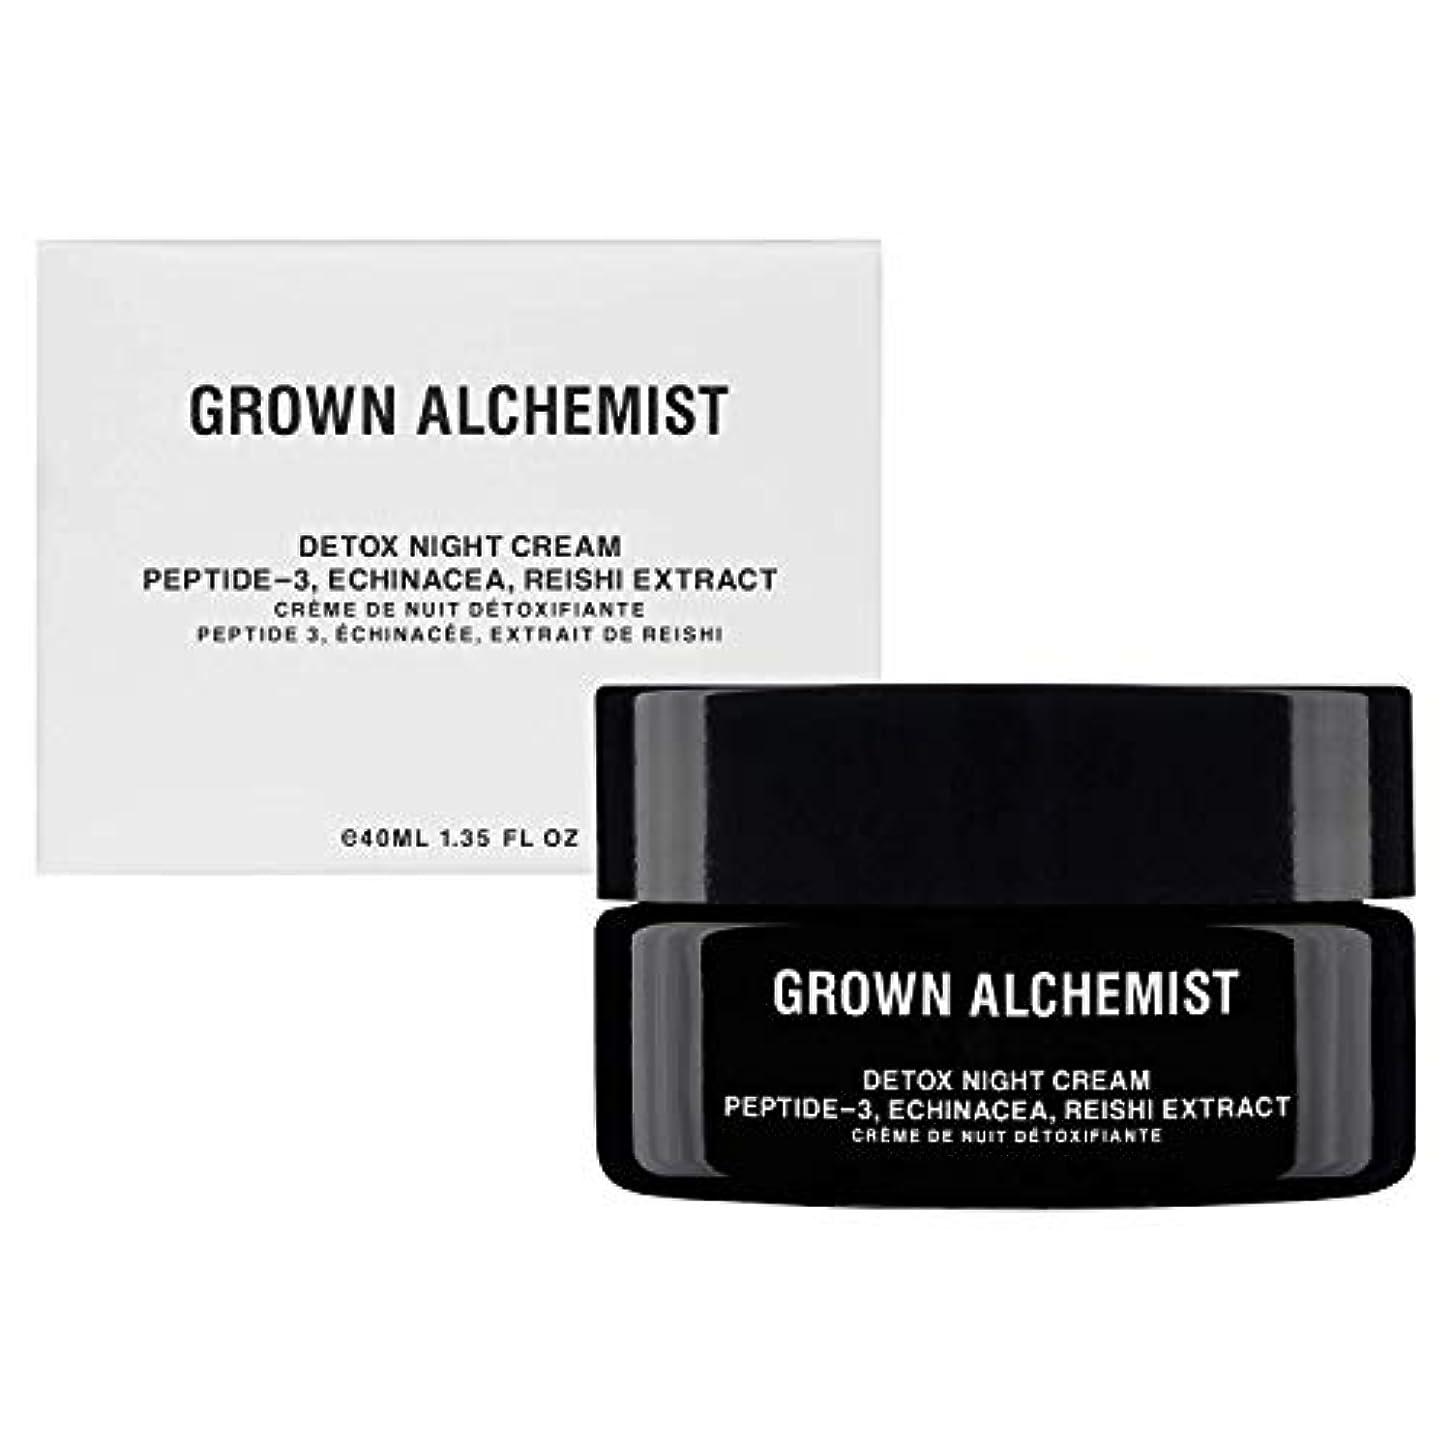 朝の体操をするロシア先住民Grown Alchemist Detox Night Cream - Peptide-3, Echinacea & Reishi Extract 40ml/1.35oz並行輸入品